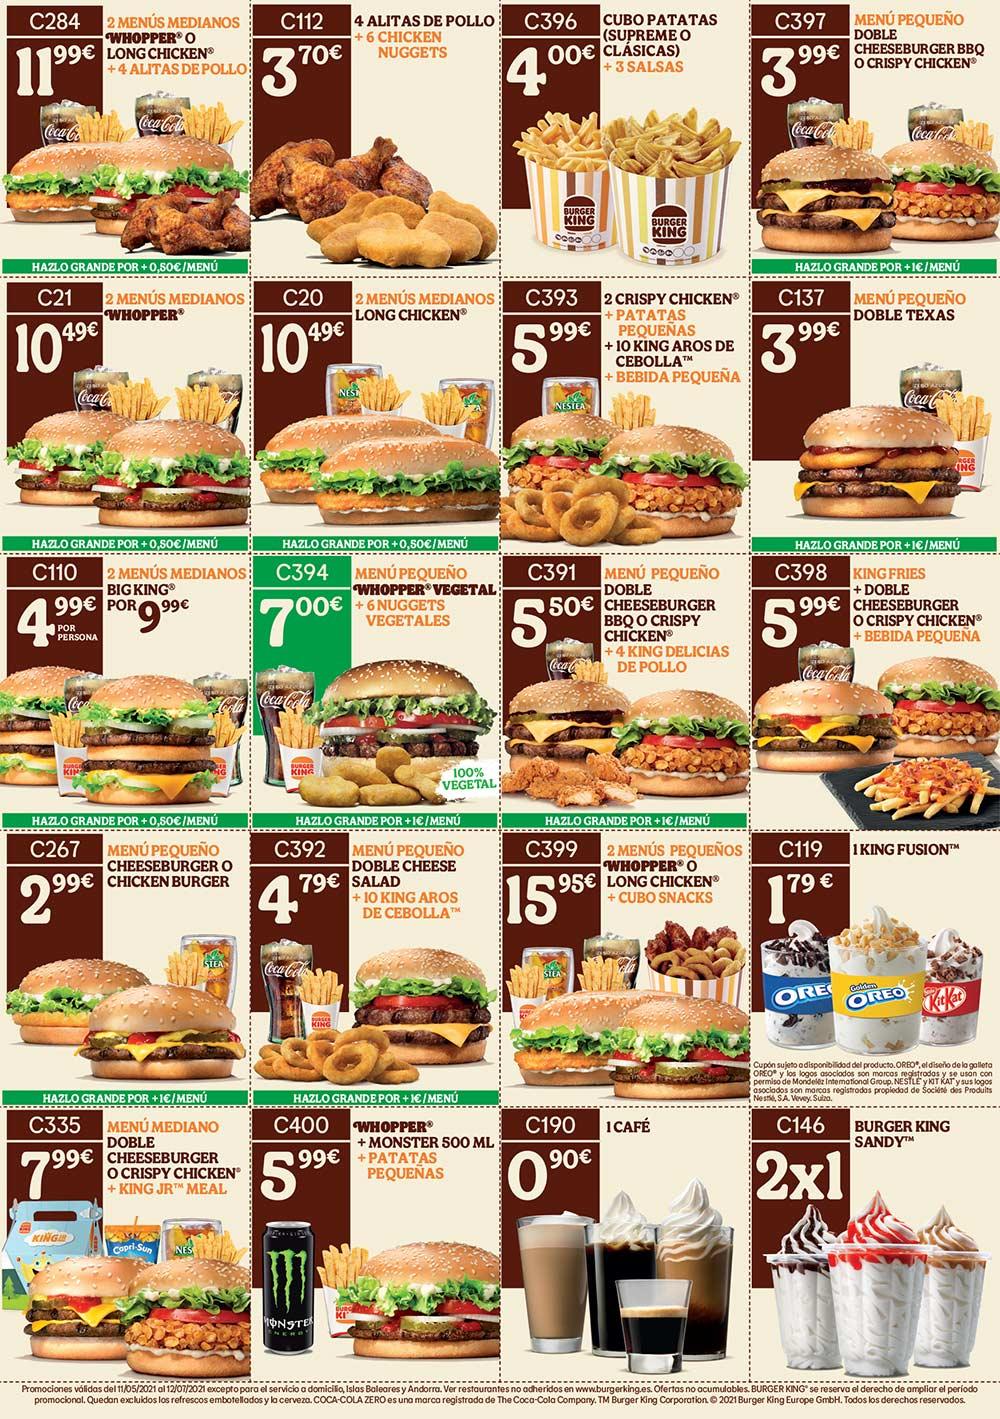 Ofertas y Cupones Burger King Agosto 2021